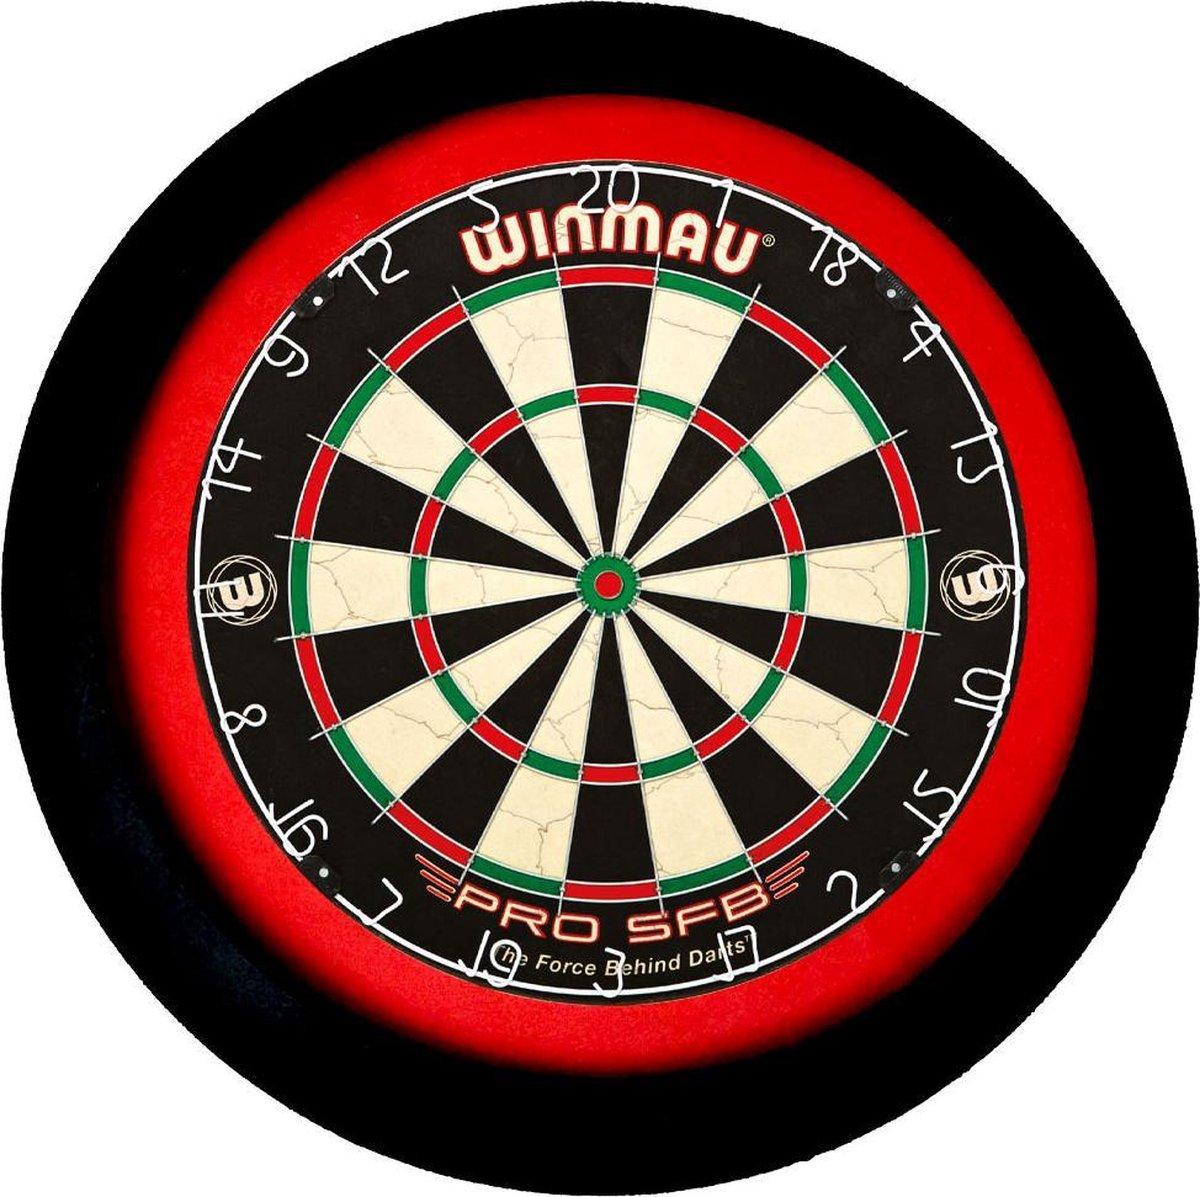 LENA Dartbord Verlichting Super Deluxe (Zwart -Rood)